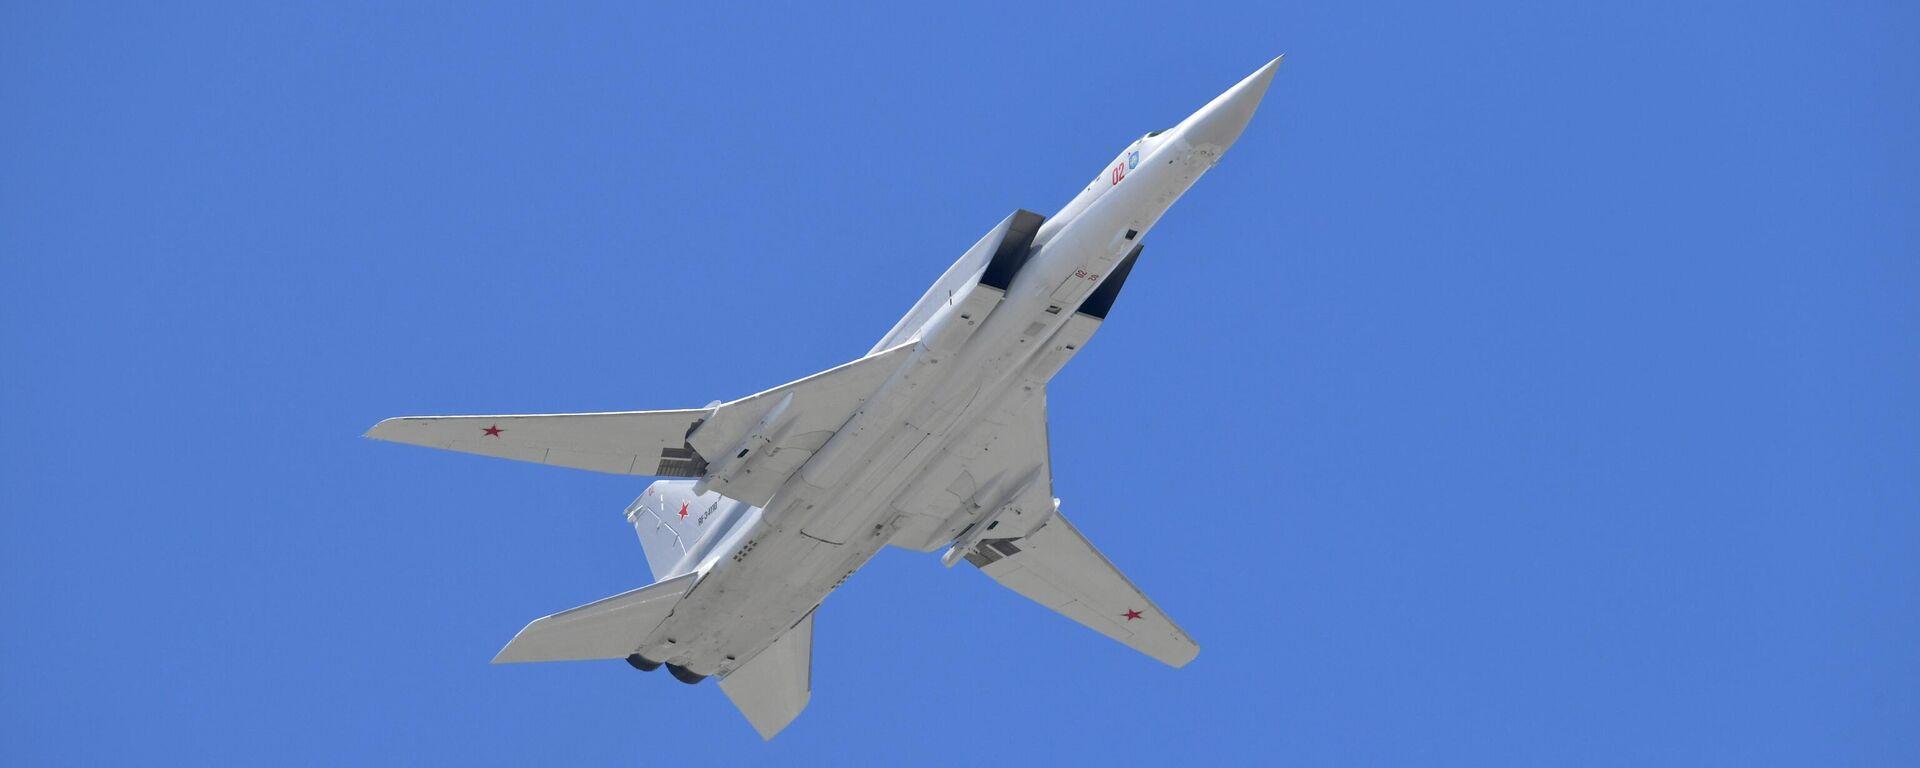 Cверхзвуковой бомбардировщик-ракетоносец Ту-22М3 - Sputnik Узбекистан, 1920, 05.08.2021